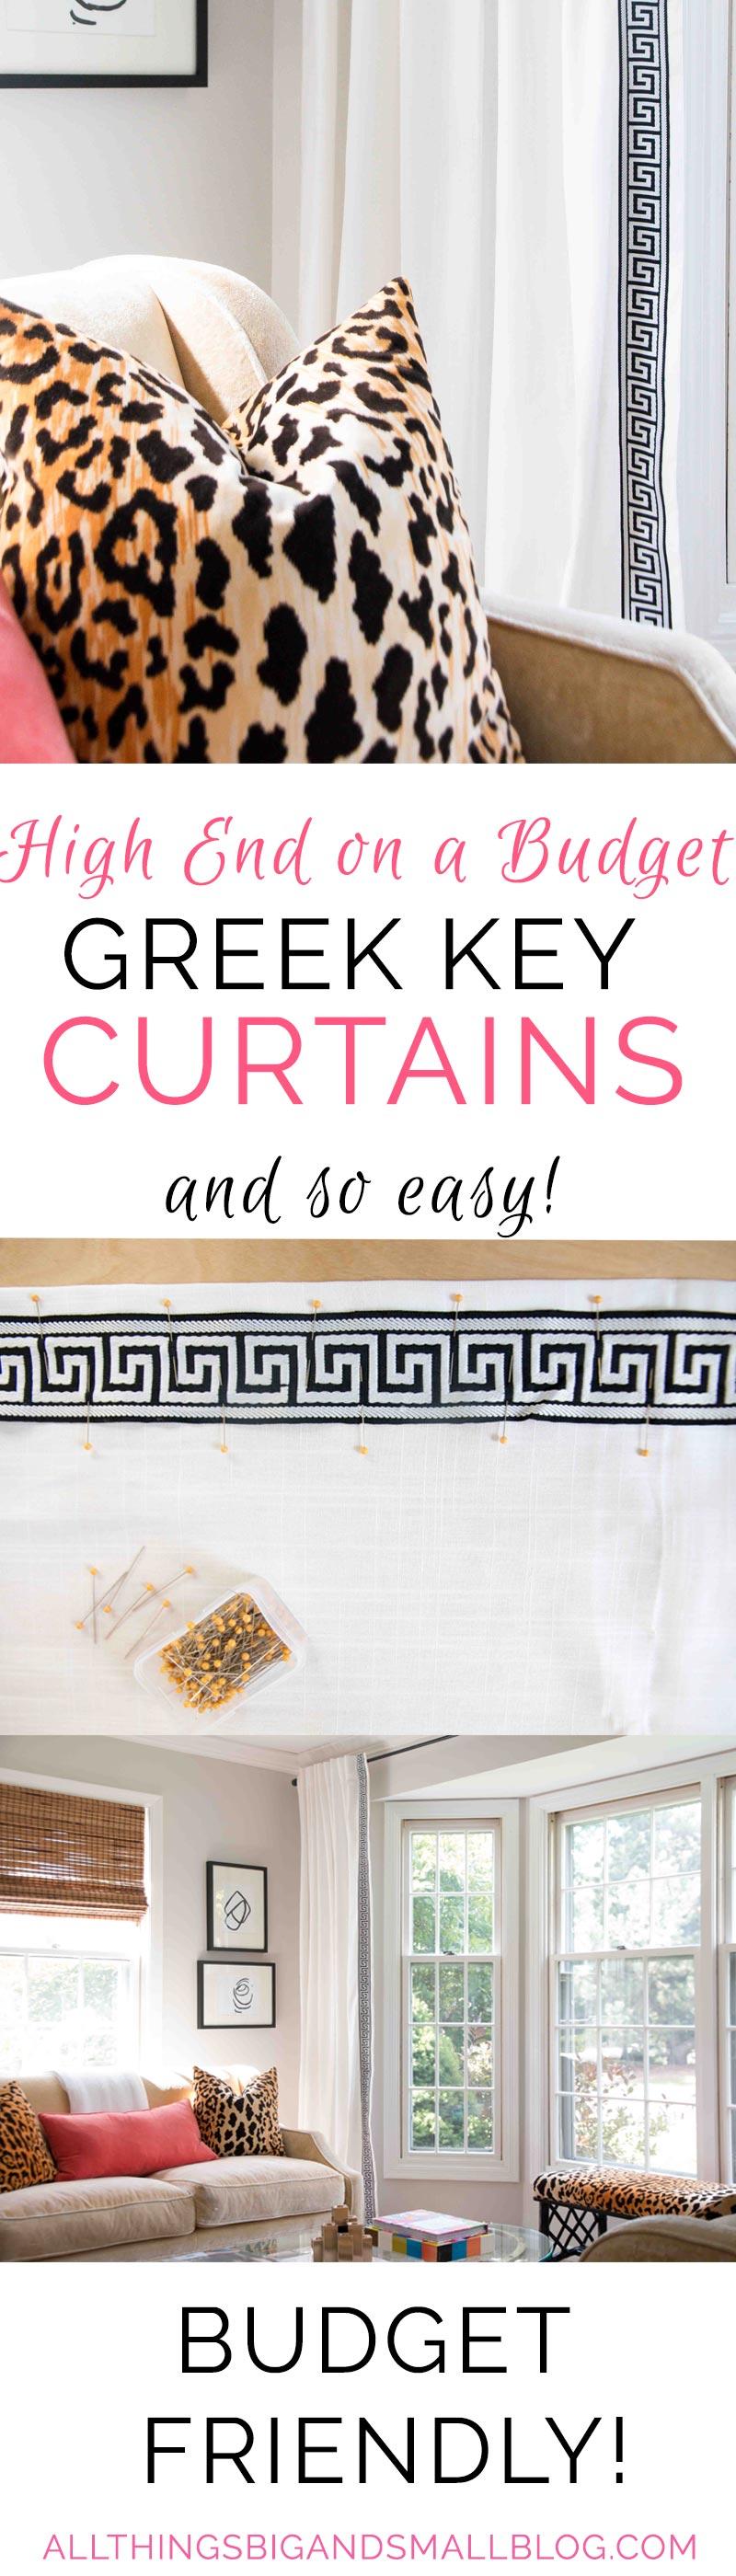 Budget Friendly DIY Greek Key Curtains | DIY Curtains | Greek Key Trim | ALL THINGS BIG AND SMALL BLOG